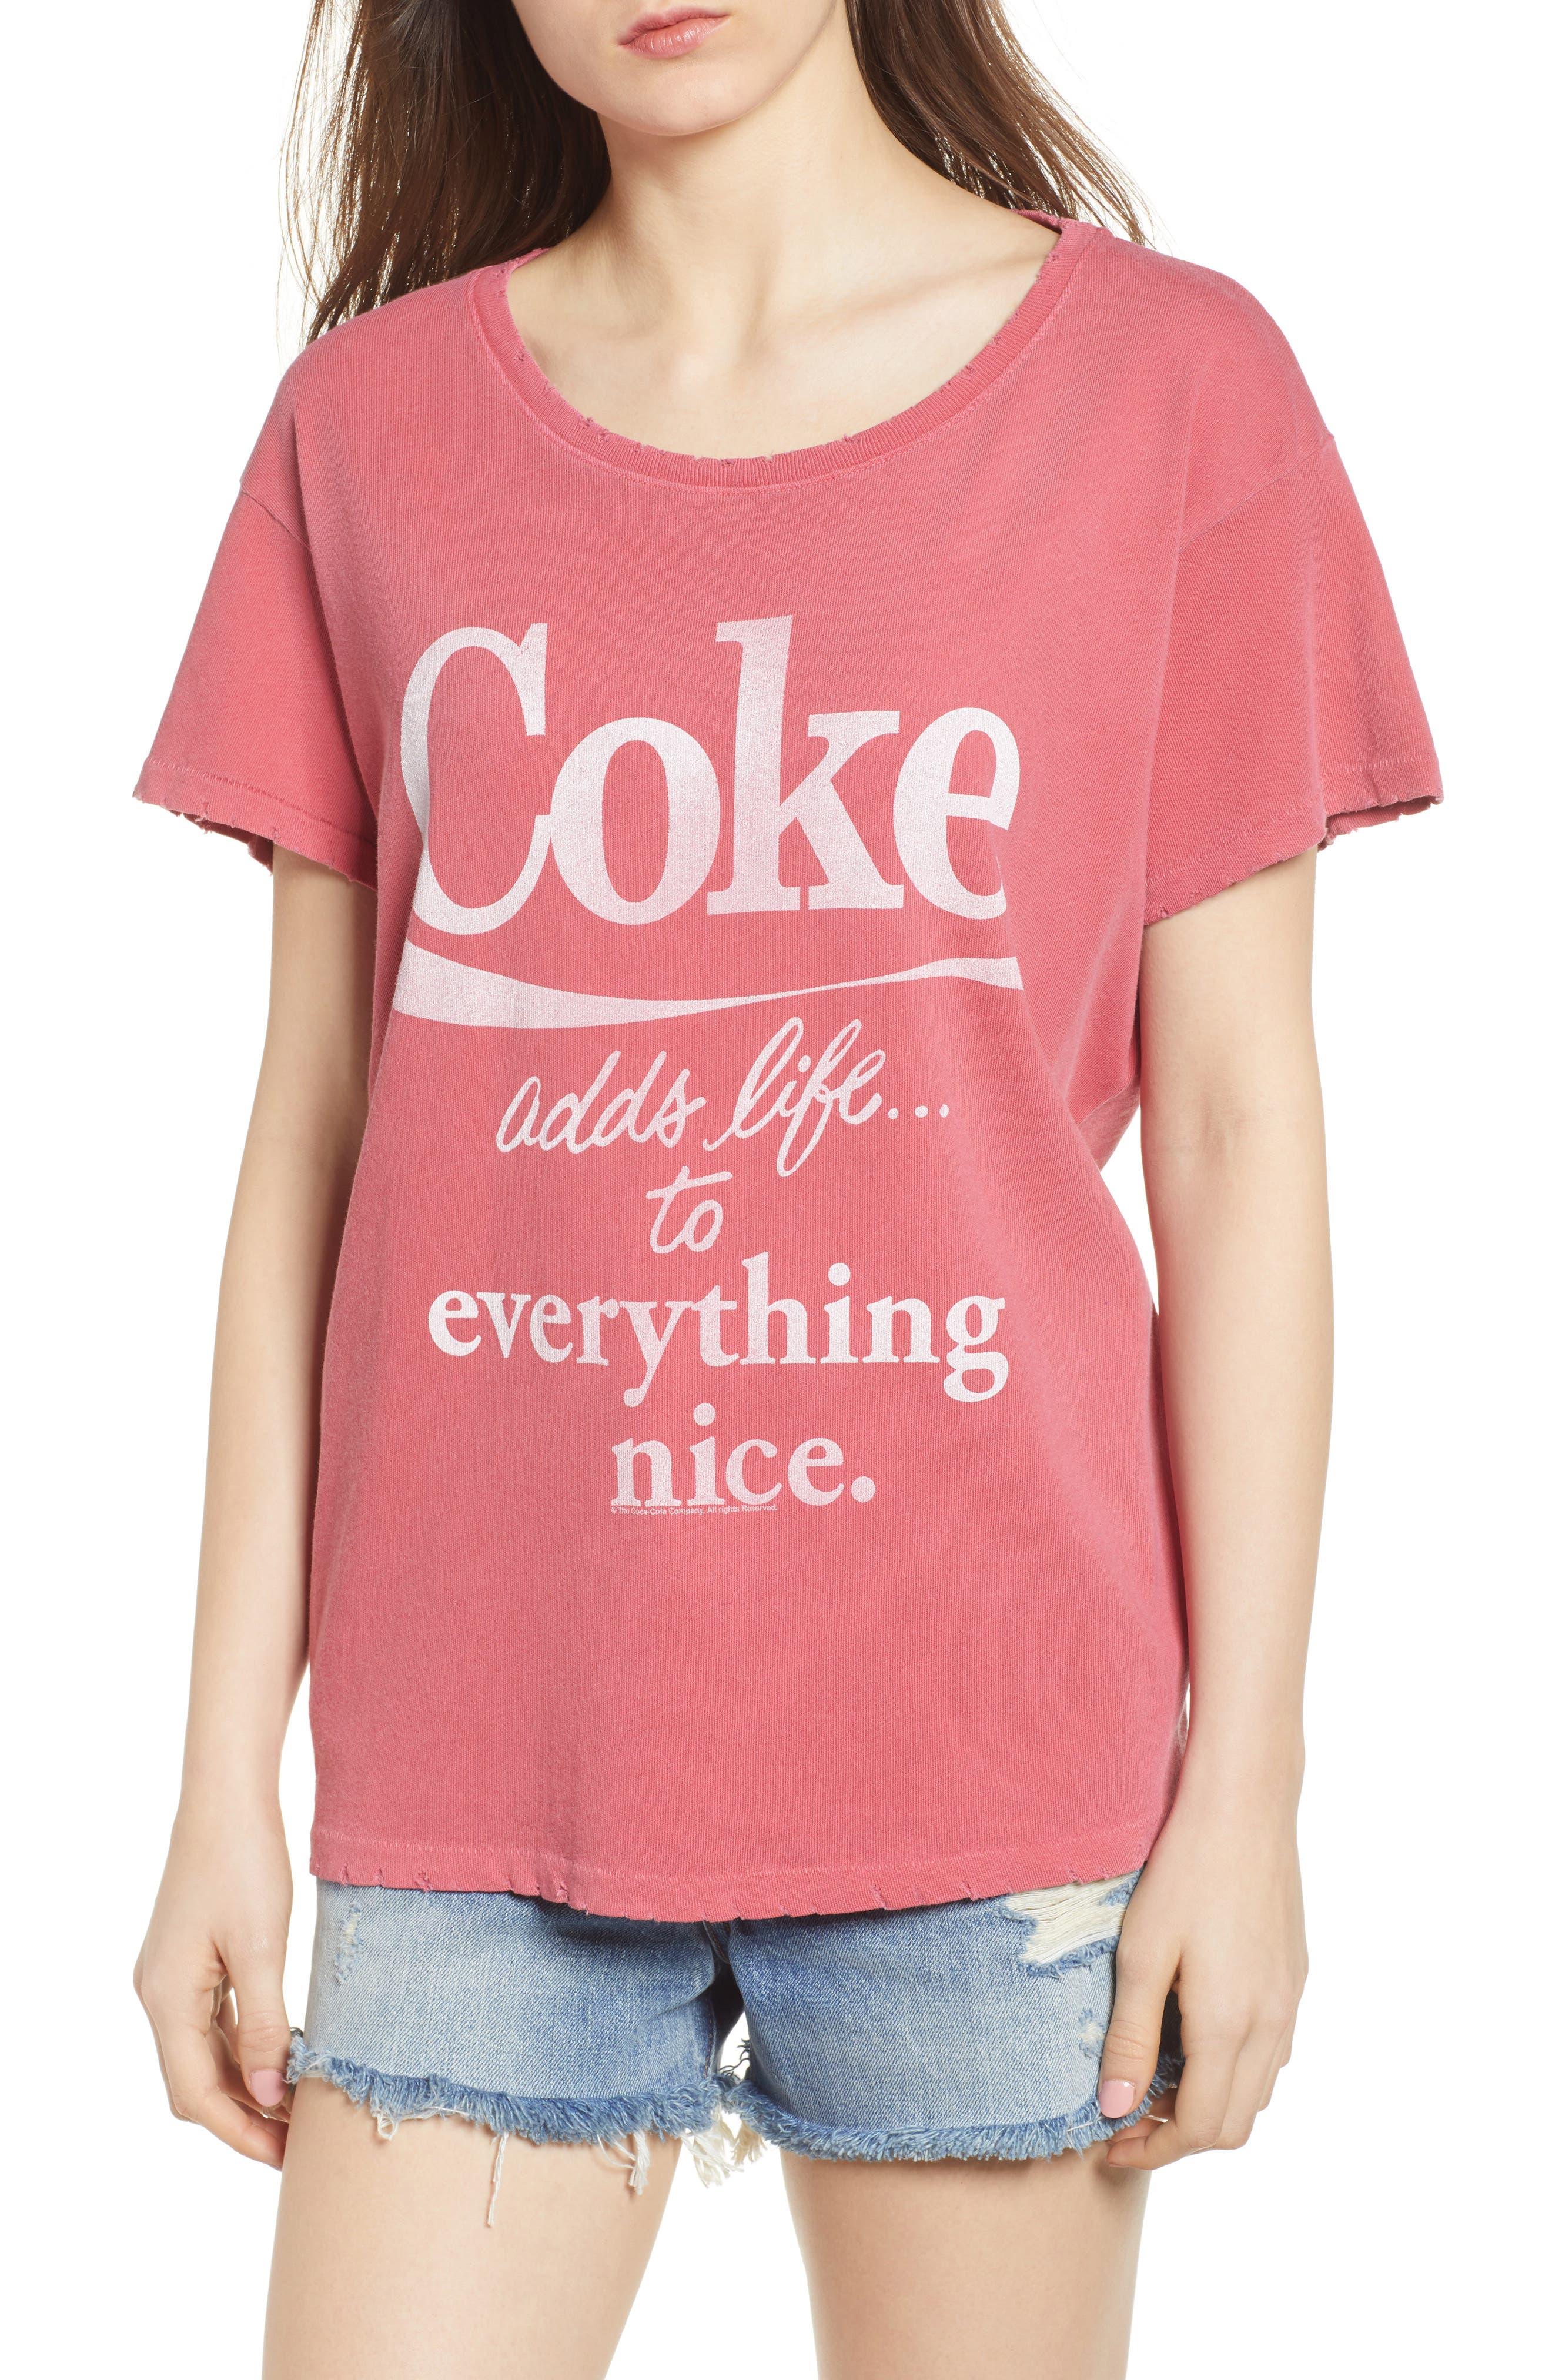 Coke Tee,                         Main,                         color, 600